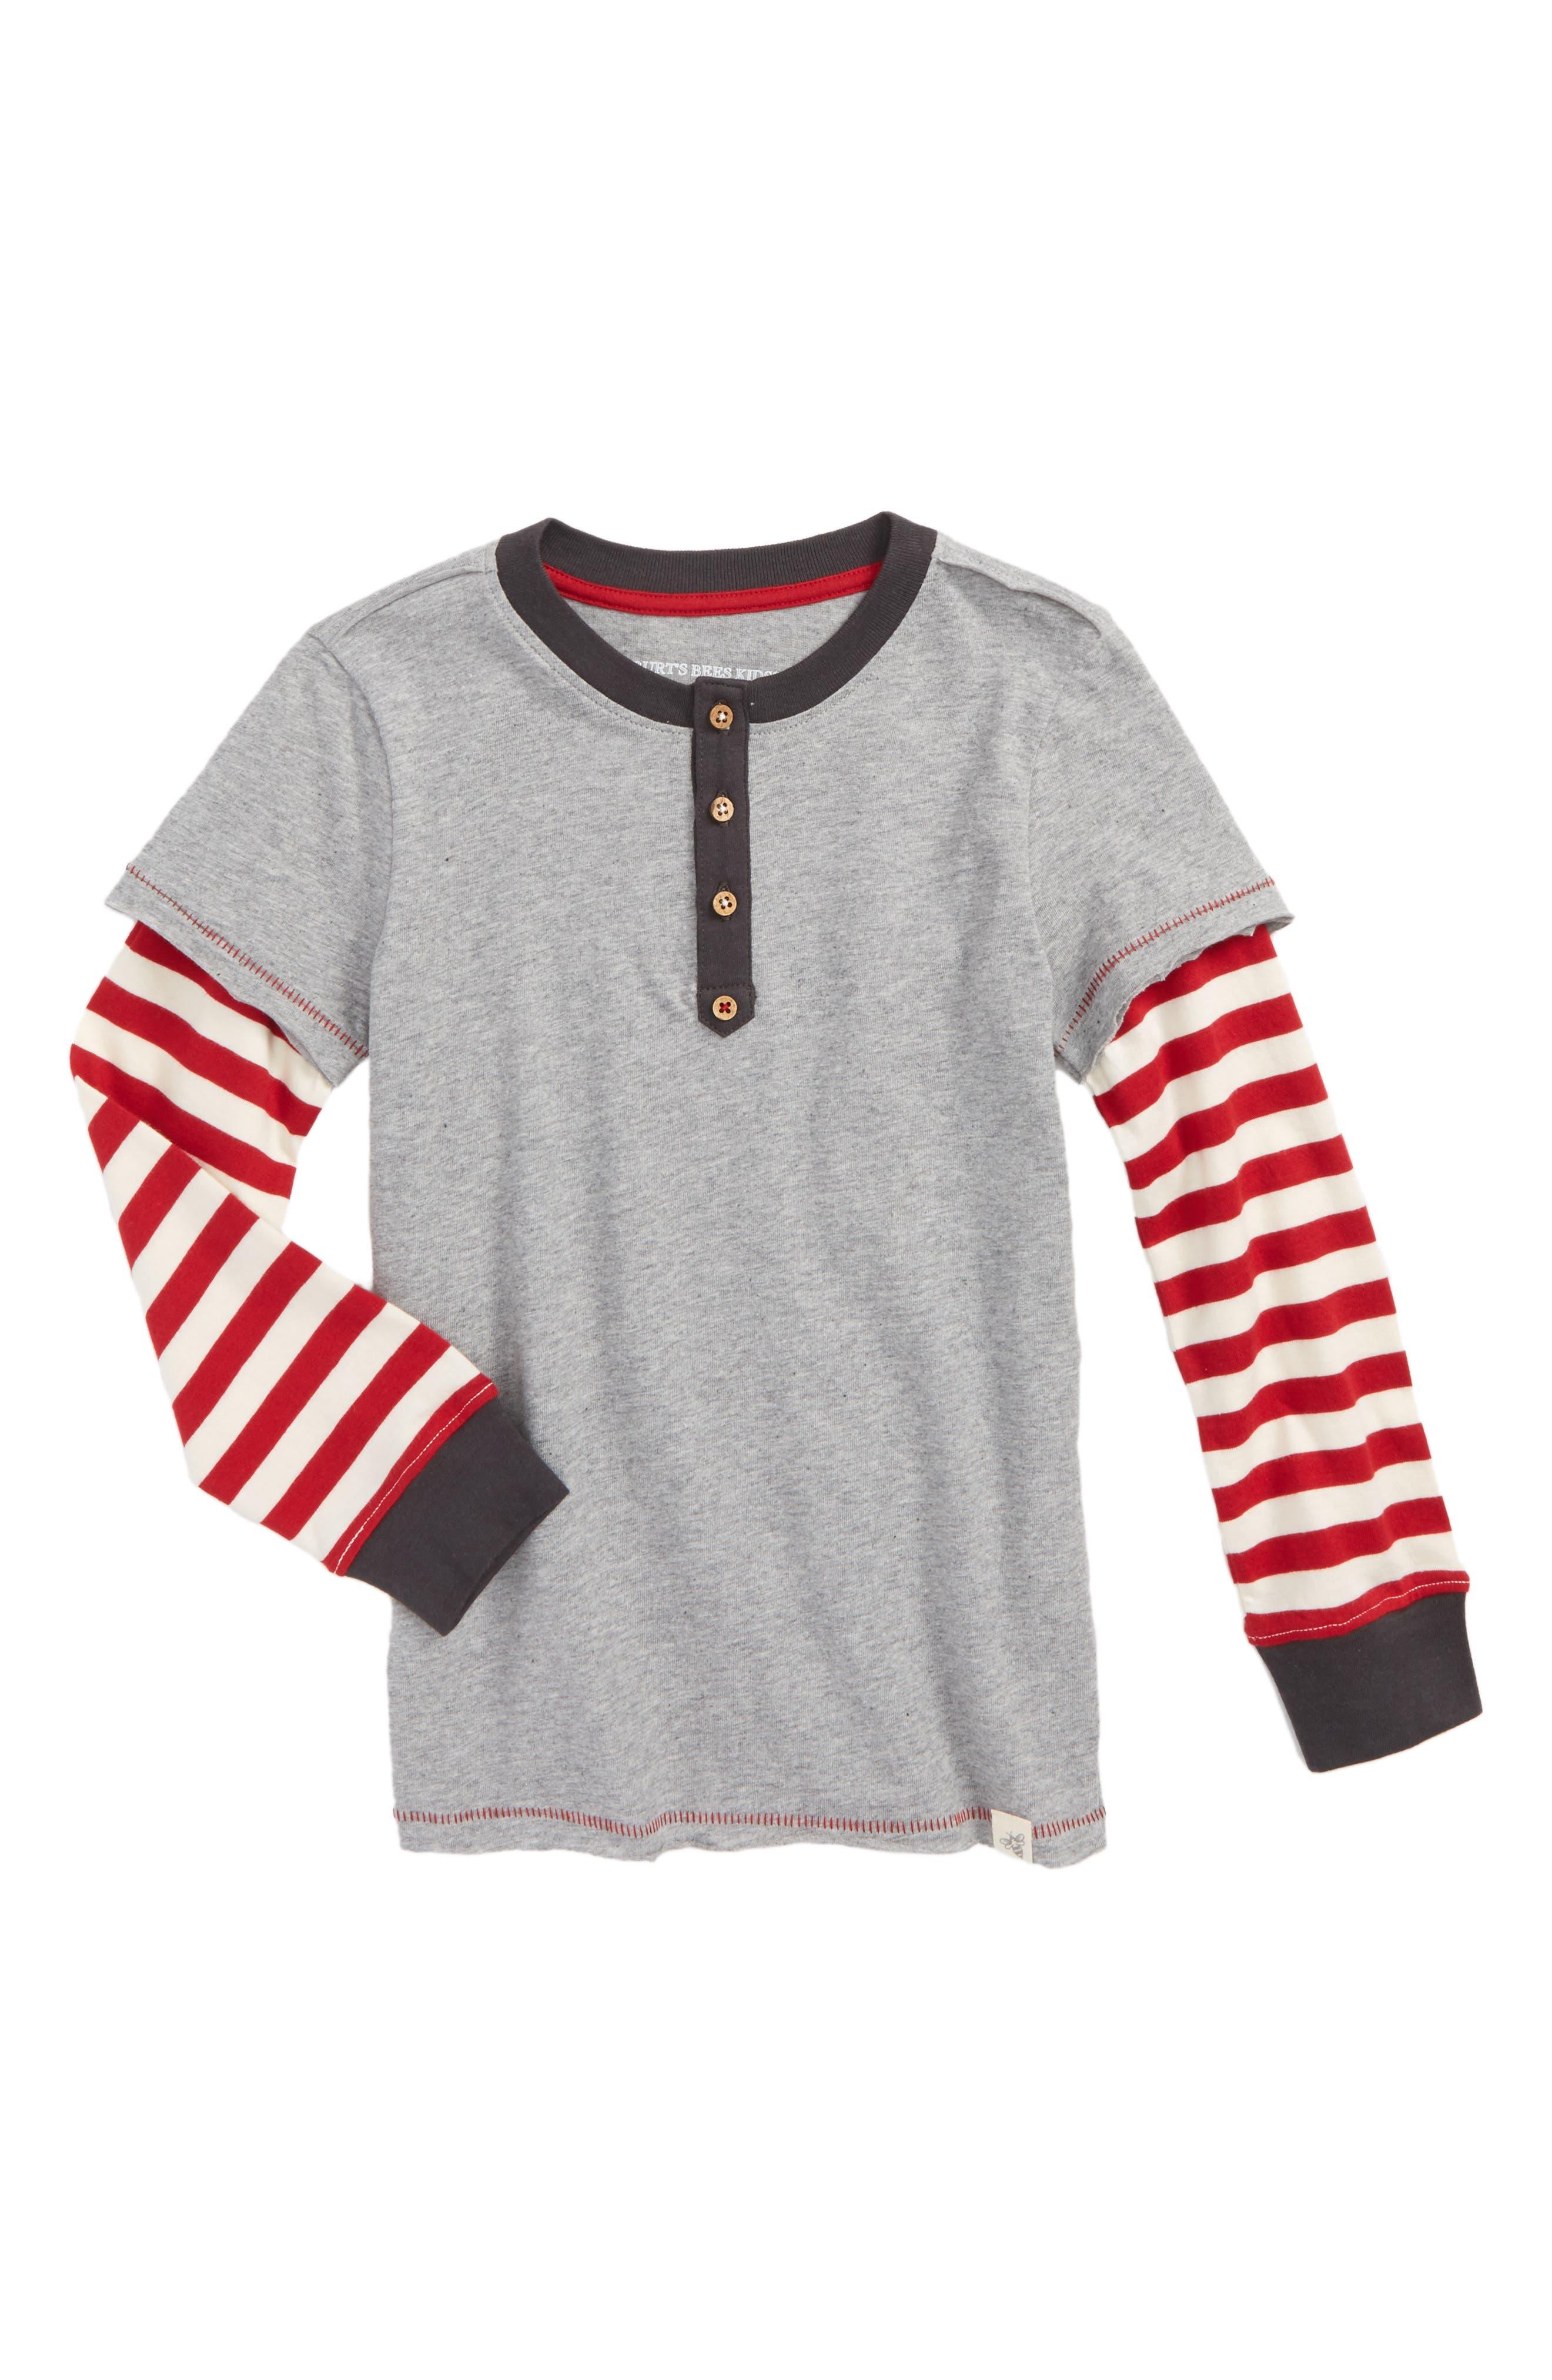 Burt's Bees Baby 2Fer Organic Cotton Henley T-Shirt (Toddler Boys & Little Boys)